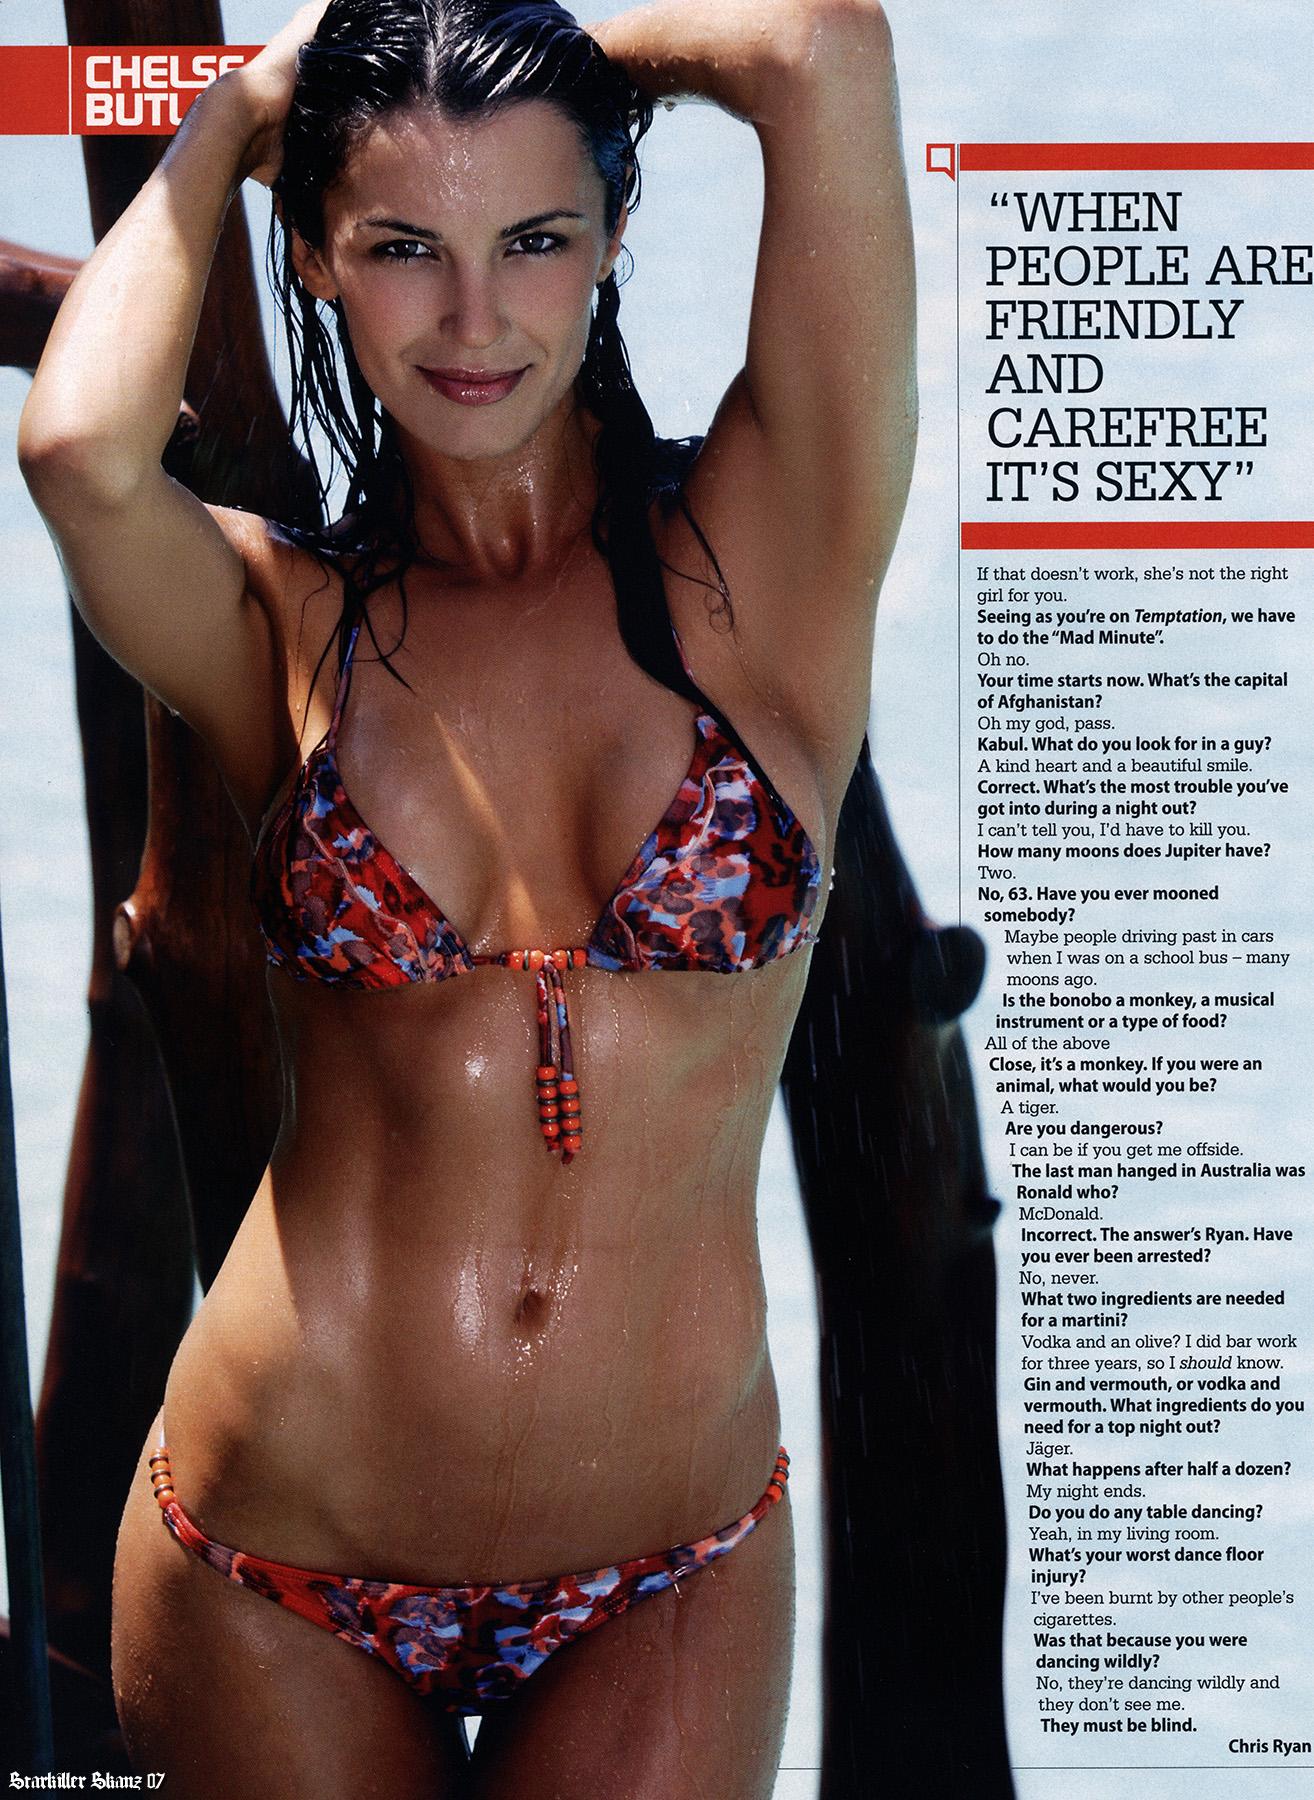 Chelsea Butler Nude Photos 74